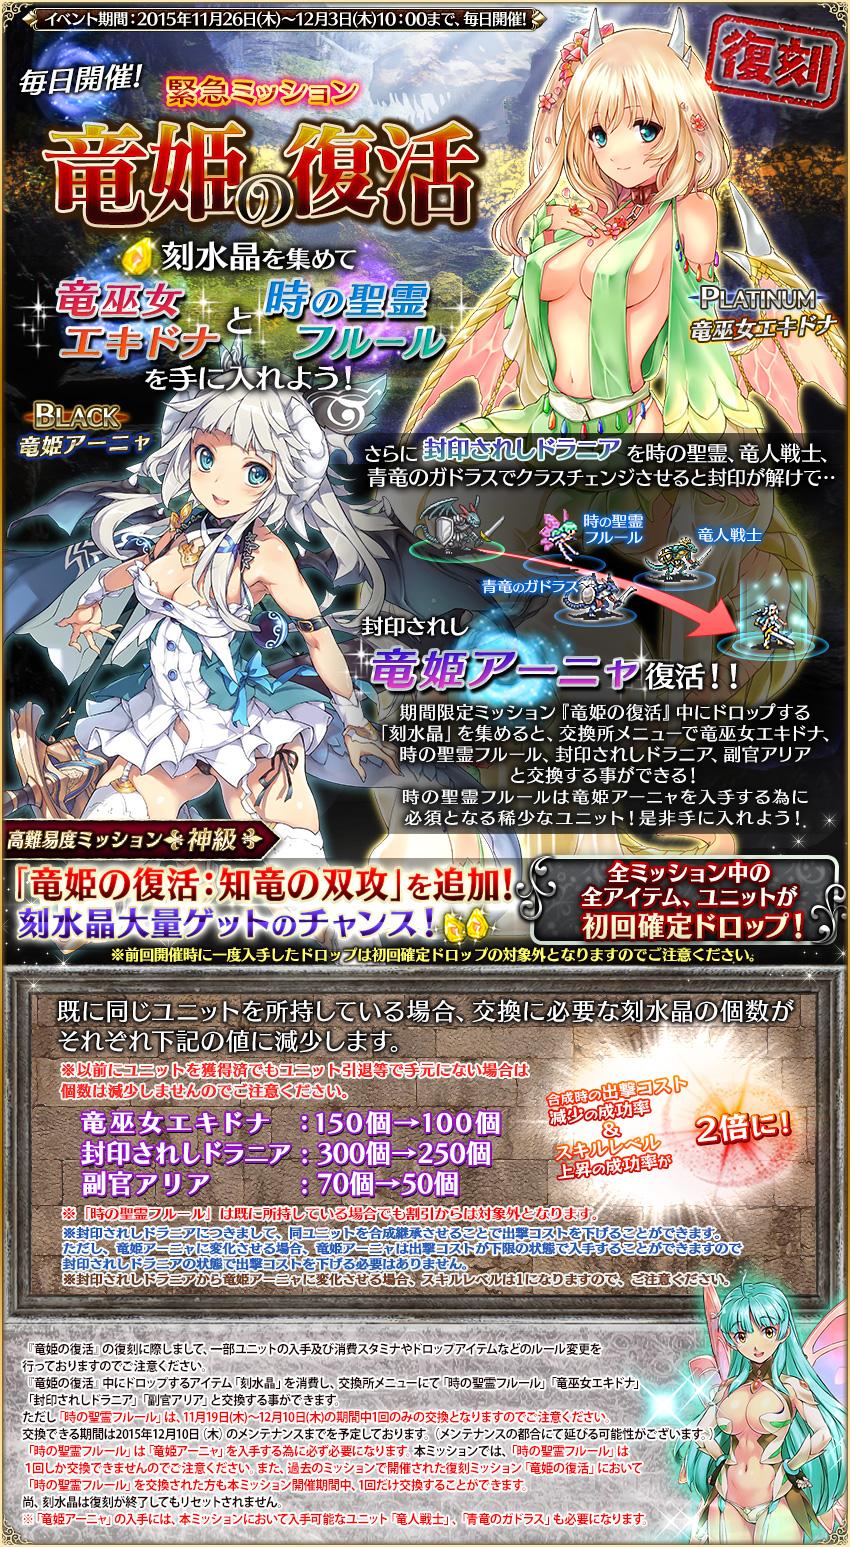 アイギス2周年イベント レア聖霊&レアキャラ配布でやばい (3)